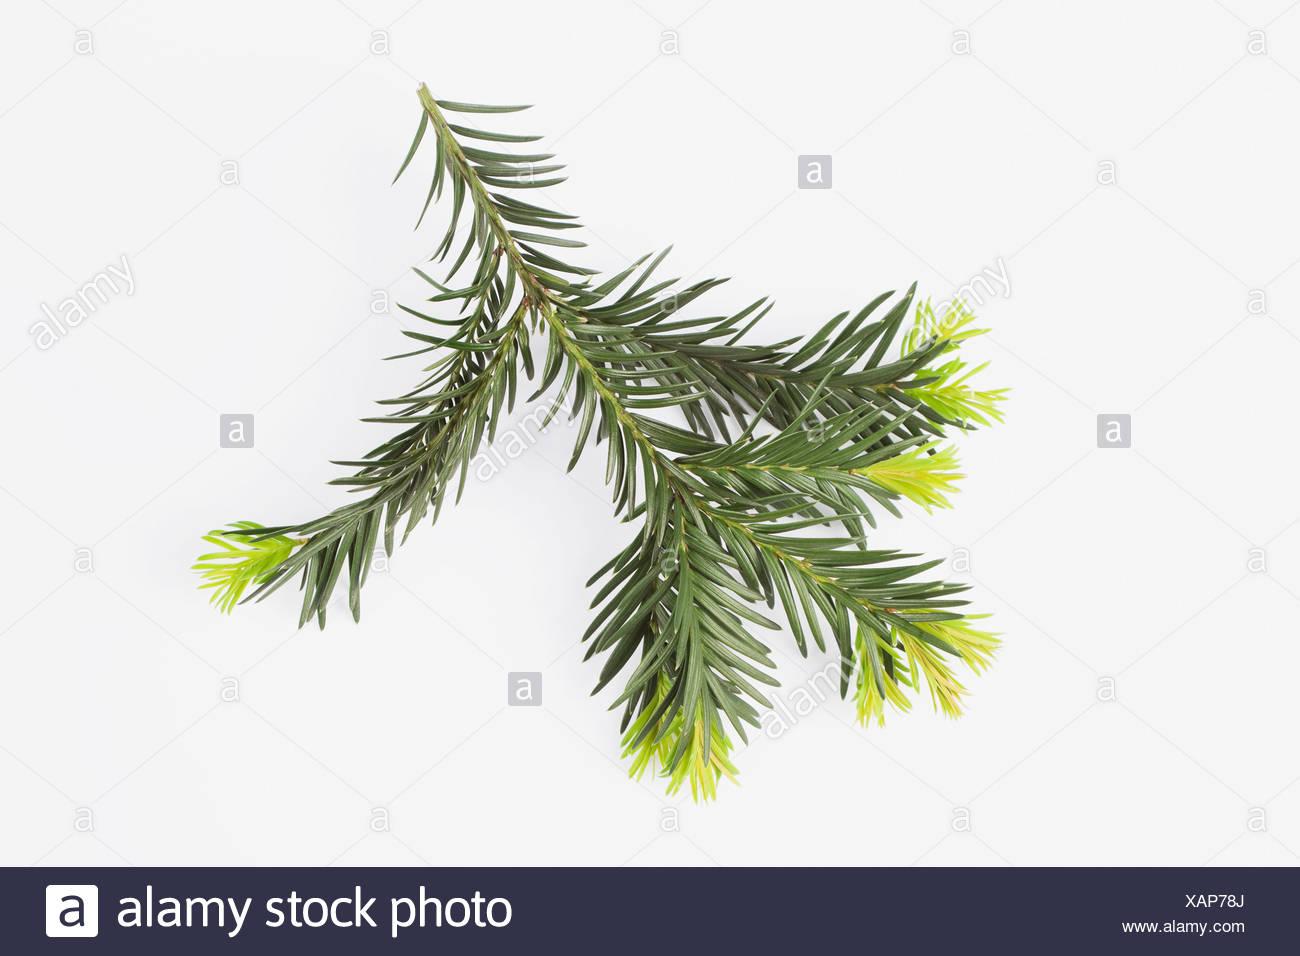 Close up of English Yew on white background - Stock Image